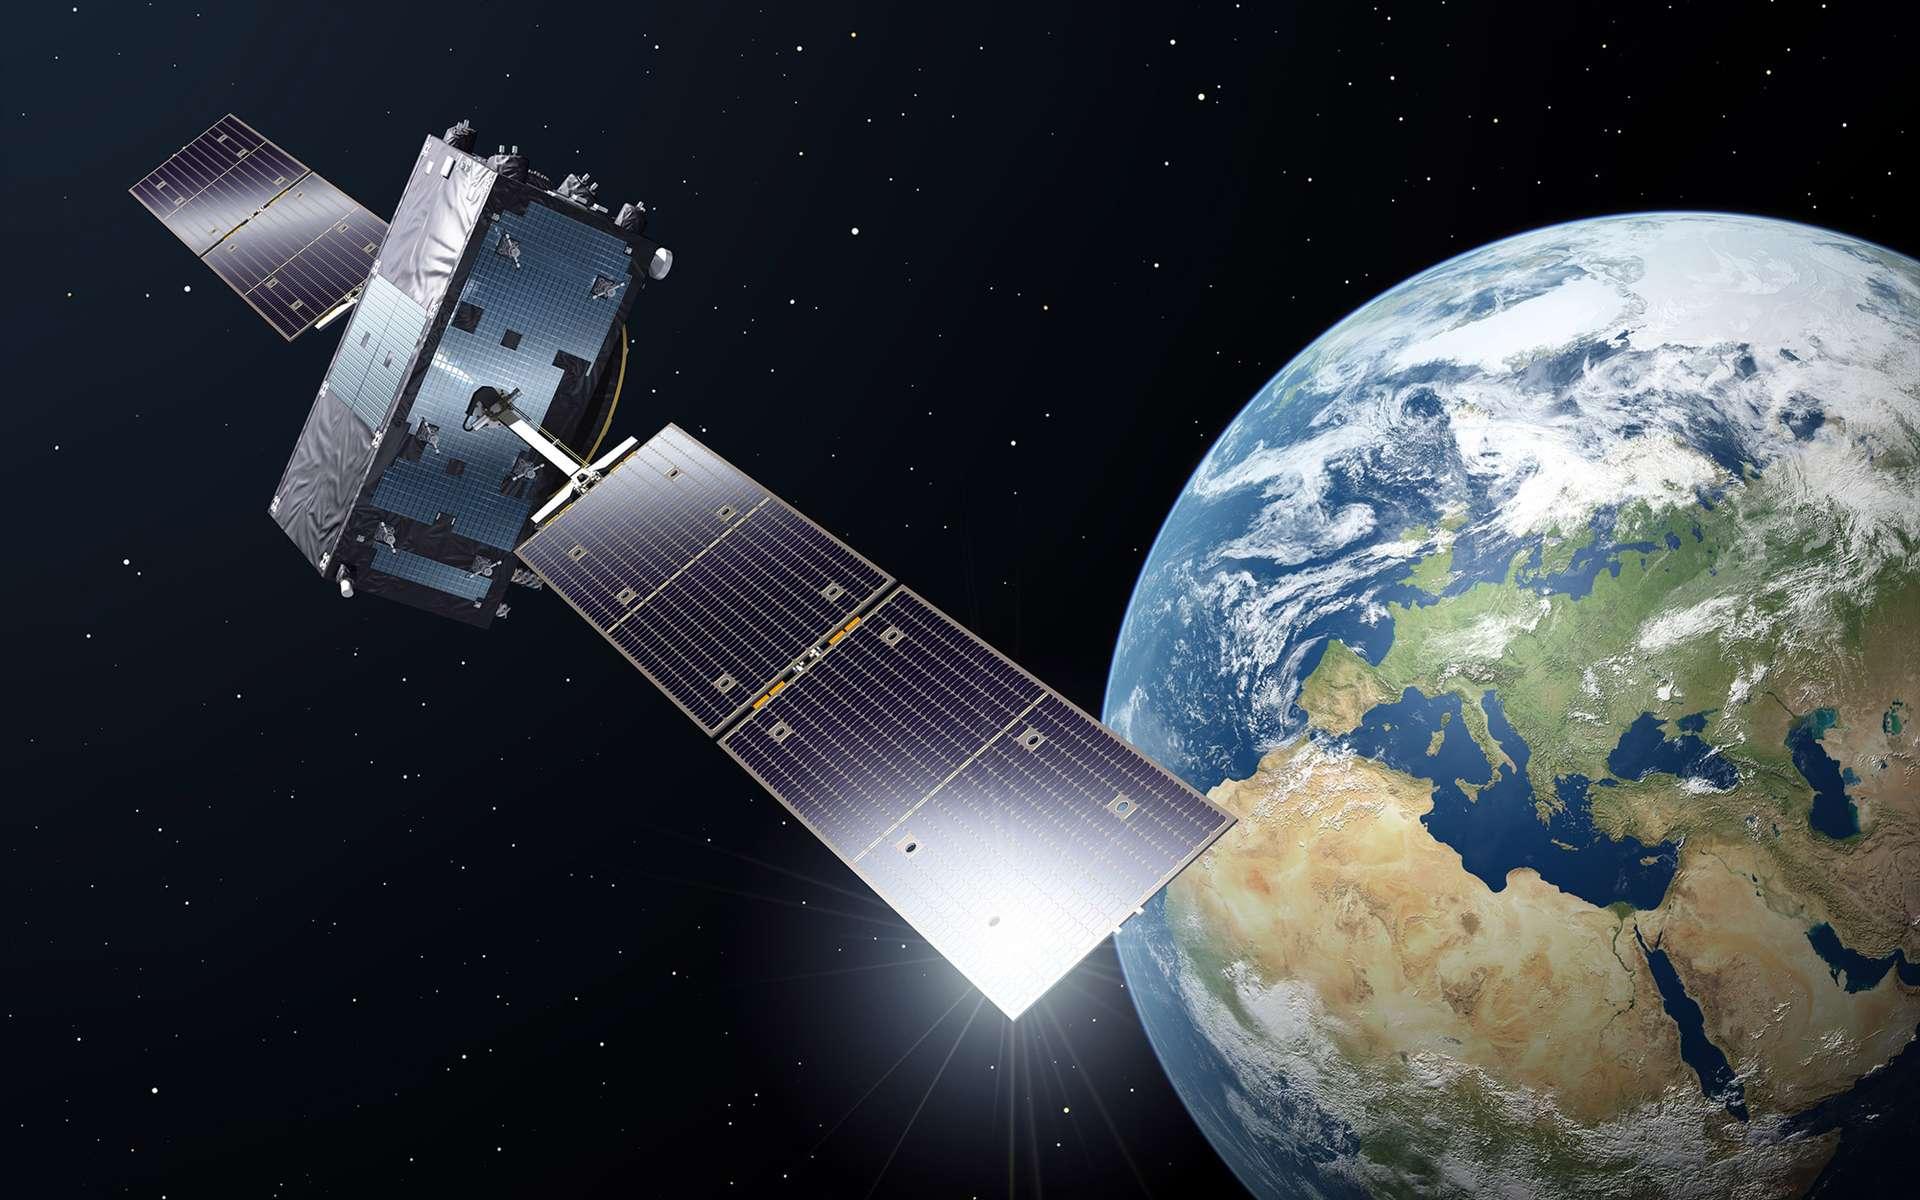 Qu'est-il donc arrivé aux horloges atomiques de la constellation Galileo ? Lorsque celle-ci sera pleinement opérationnelle, elle sera constituée de 30 satellites (dont 3 en réserve), répartis sur trois plans orbitaux inclinés de 56° par rapport au plan équatorial. Elle fournira alors une très grande variété de services, dont certains inédits. © ESA, P. Carril